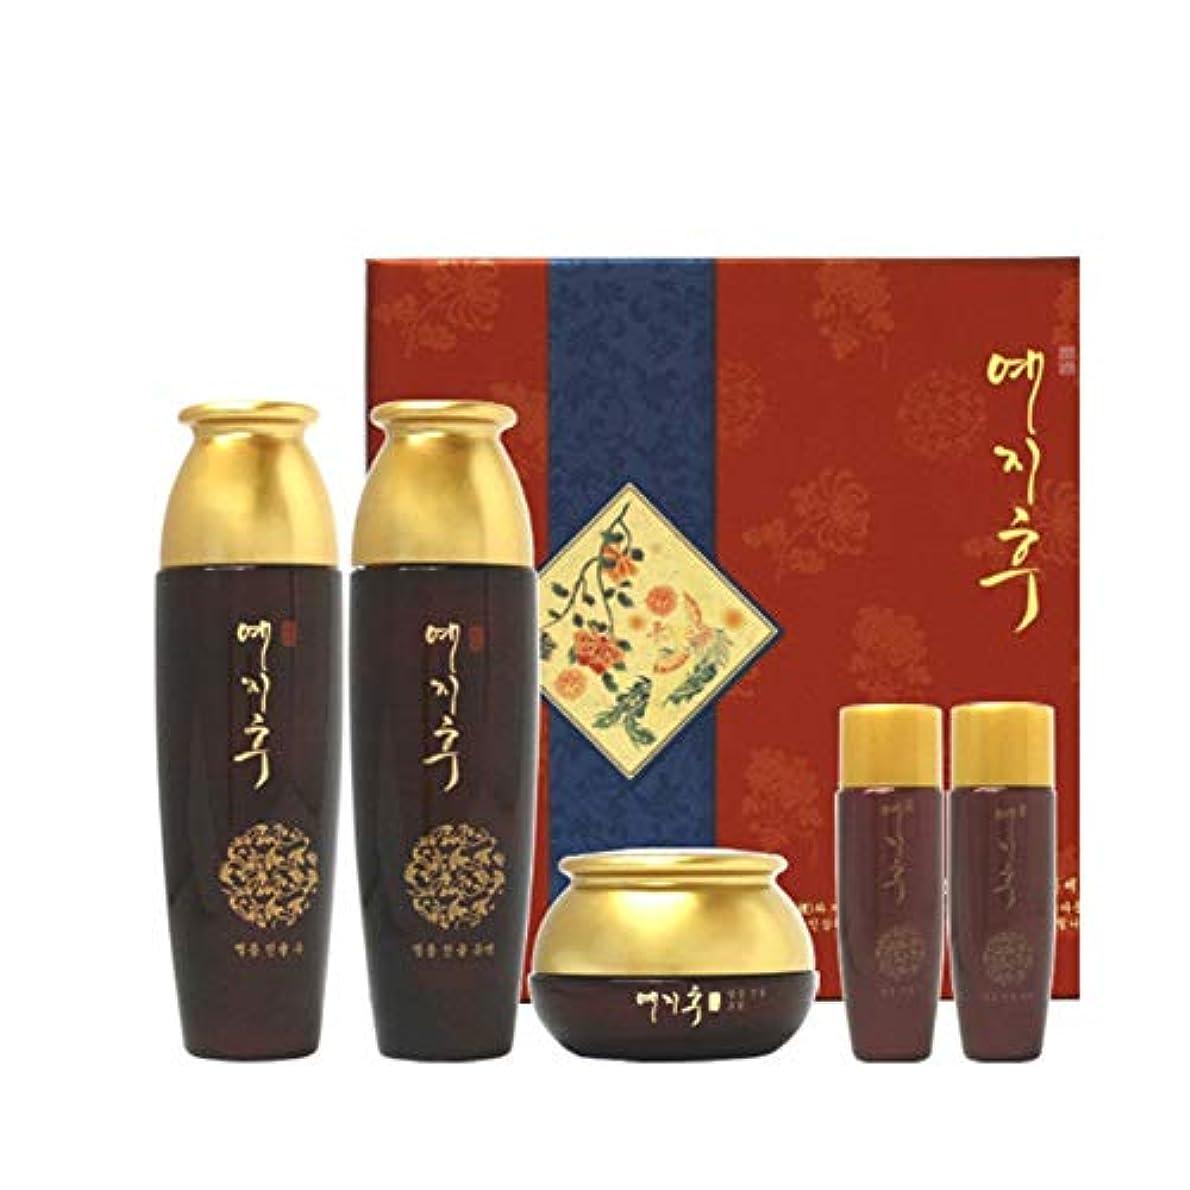 考えたカウントフォークイェジフブランドジャムヤング女性3種セットジンユル水180ml(150+30)ジンユル乳液180ml(150+30)ジンユルクリーム50g、Yezihu 3 Sets of Women's Luxury Cosmetics...